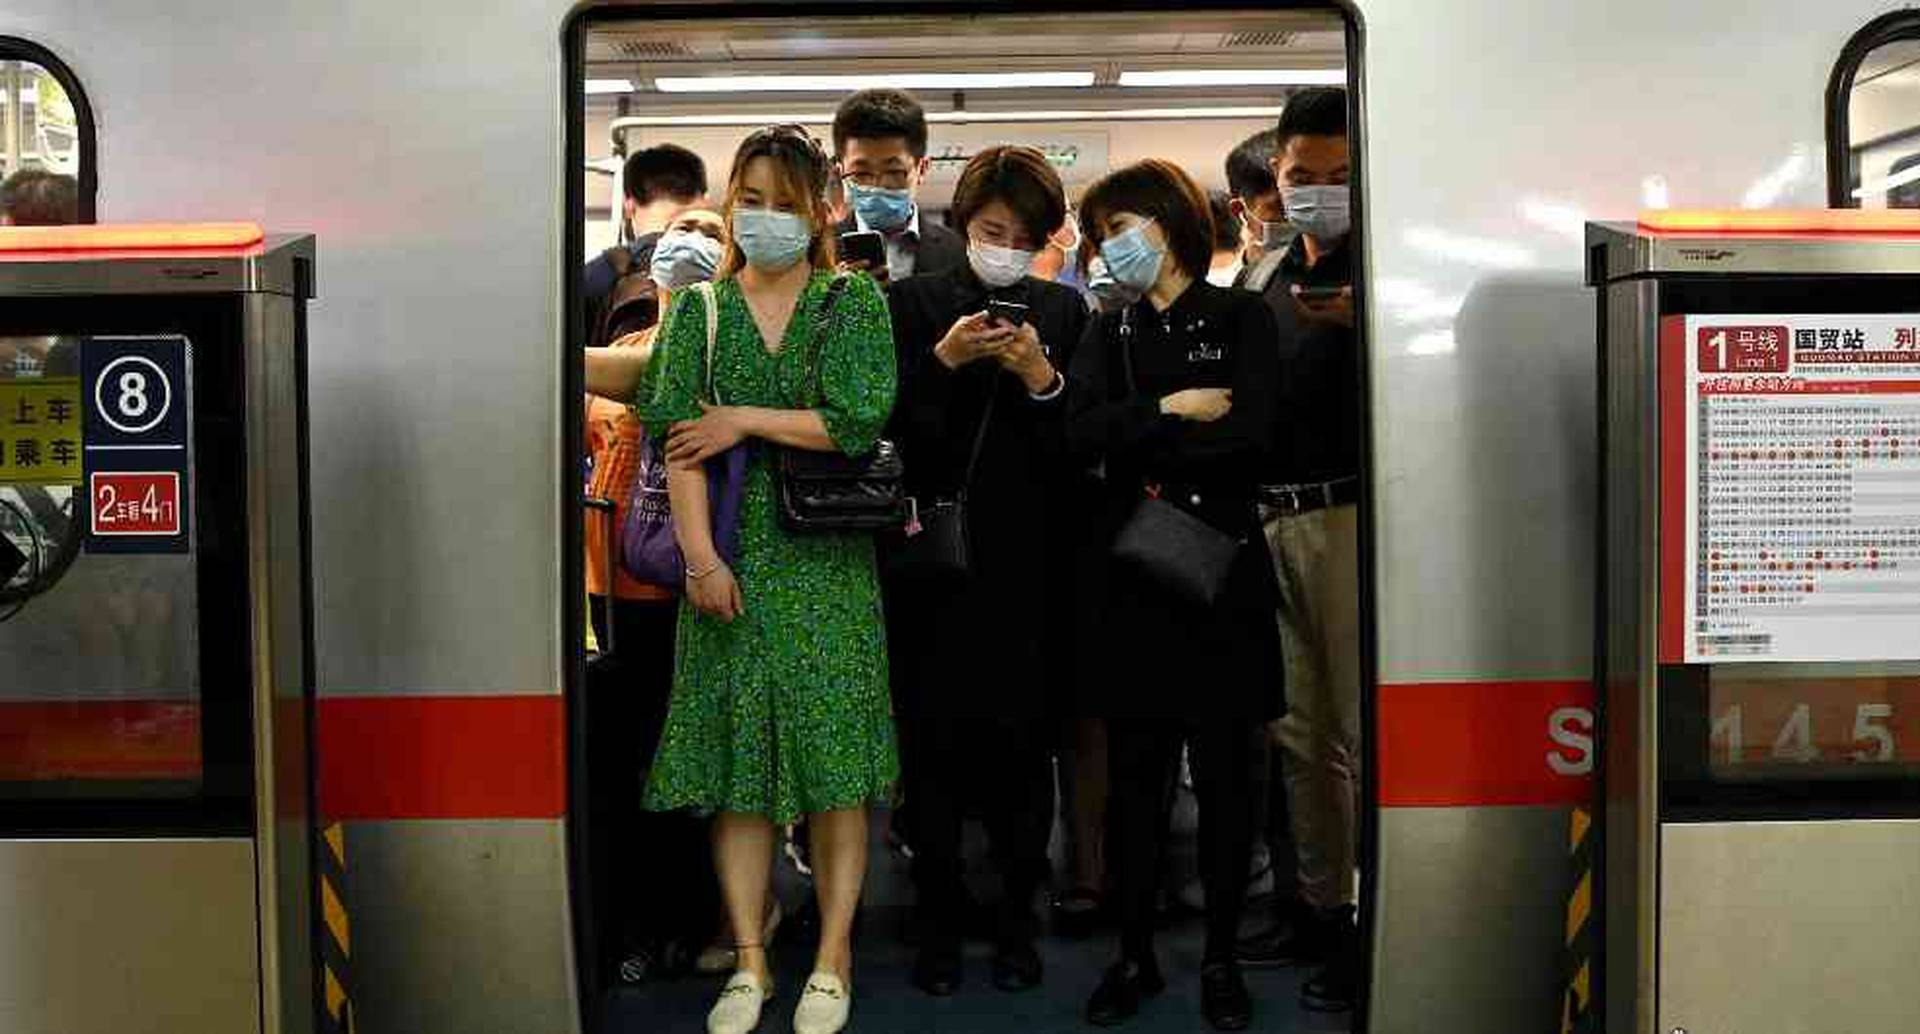 Coronavirus noticias: Pekín no reporta nuevos contagios vez tras rebrote